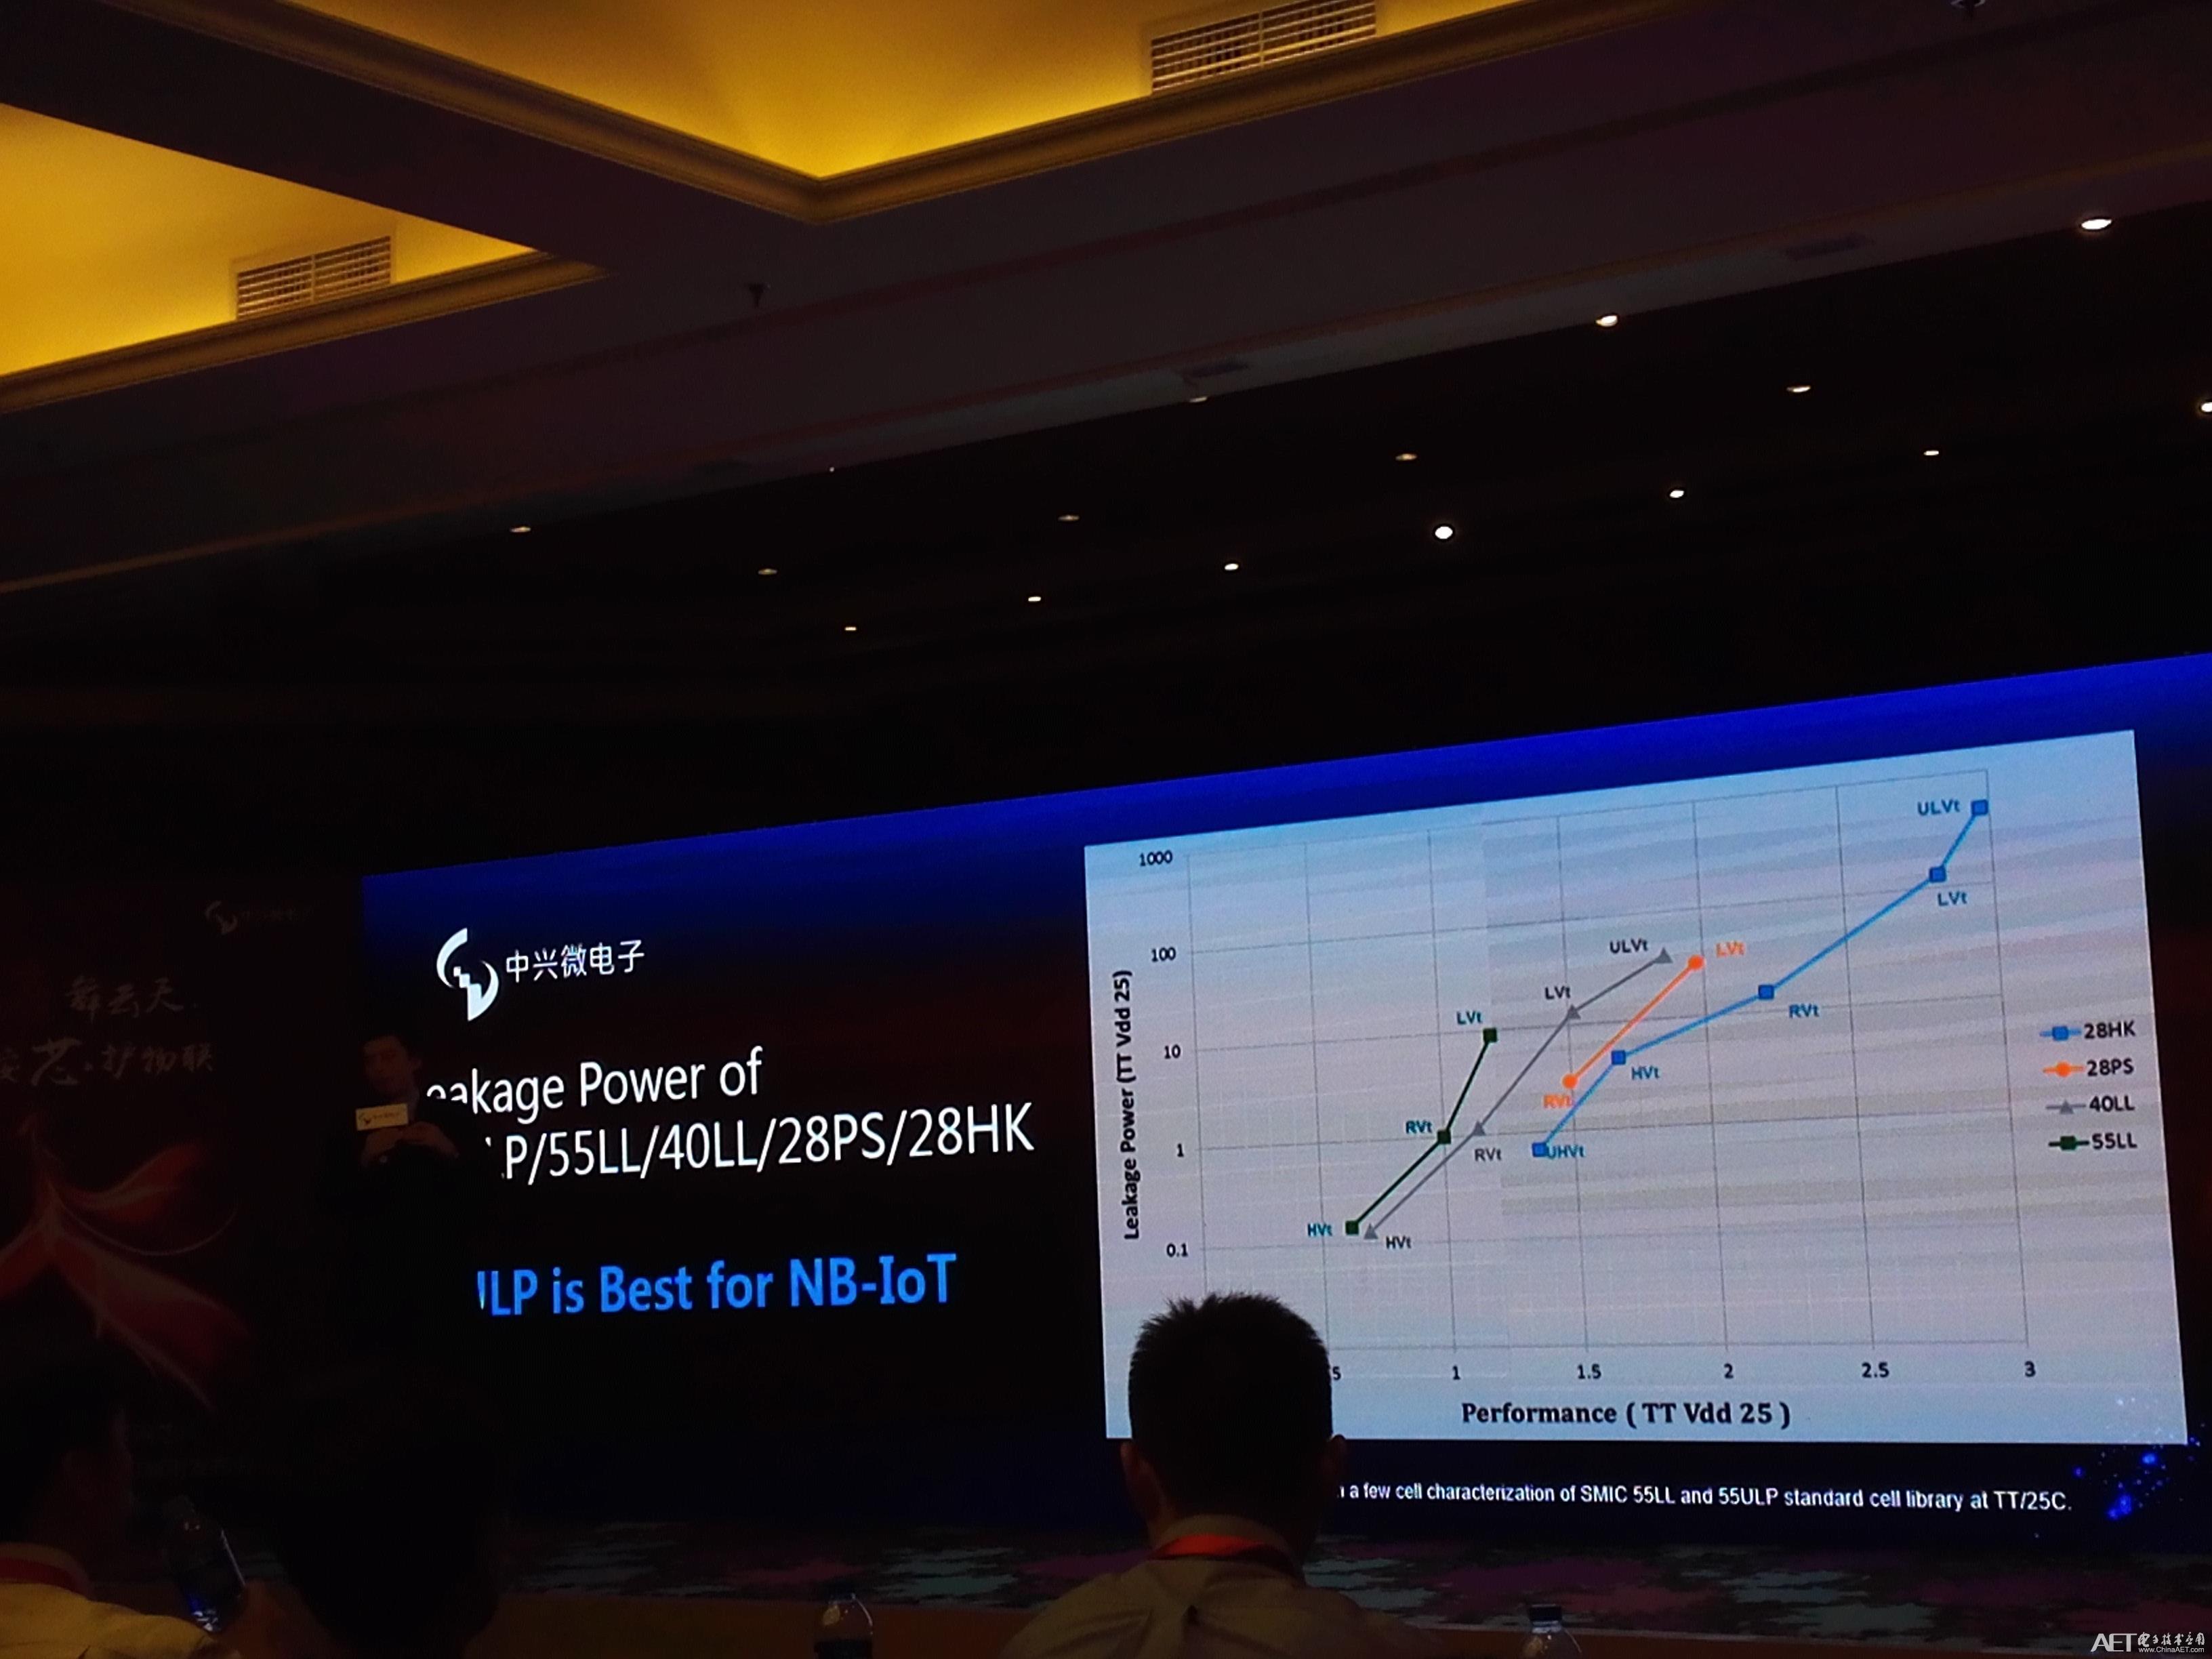 中兴历时两年打造是中国自主研发的首颗TEE安全框架的物联网芯片